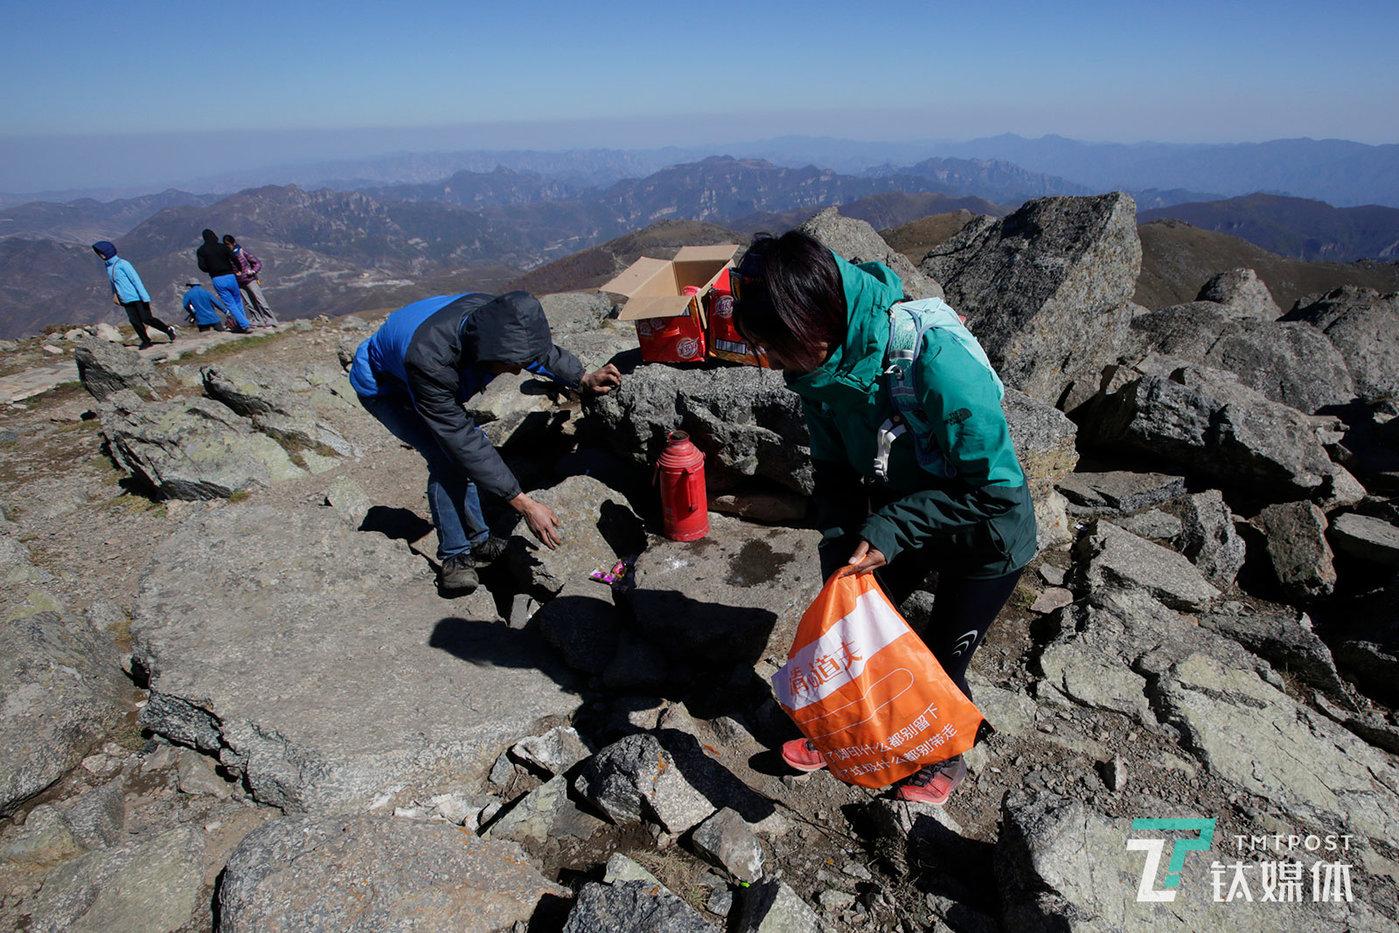 【山脉清道夫】10月2日,北京东灵山,海拔2303米的峰顶,山脉户外的驴友在自发捡拾游客留下的垃圾。